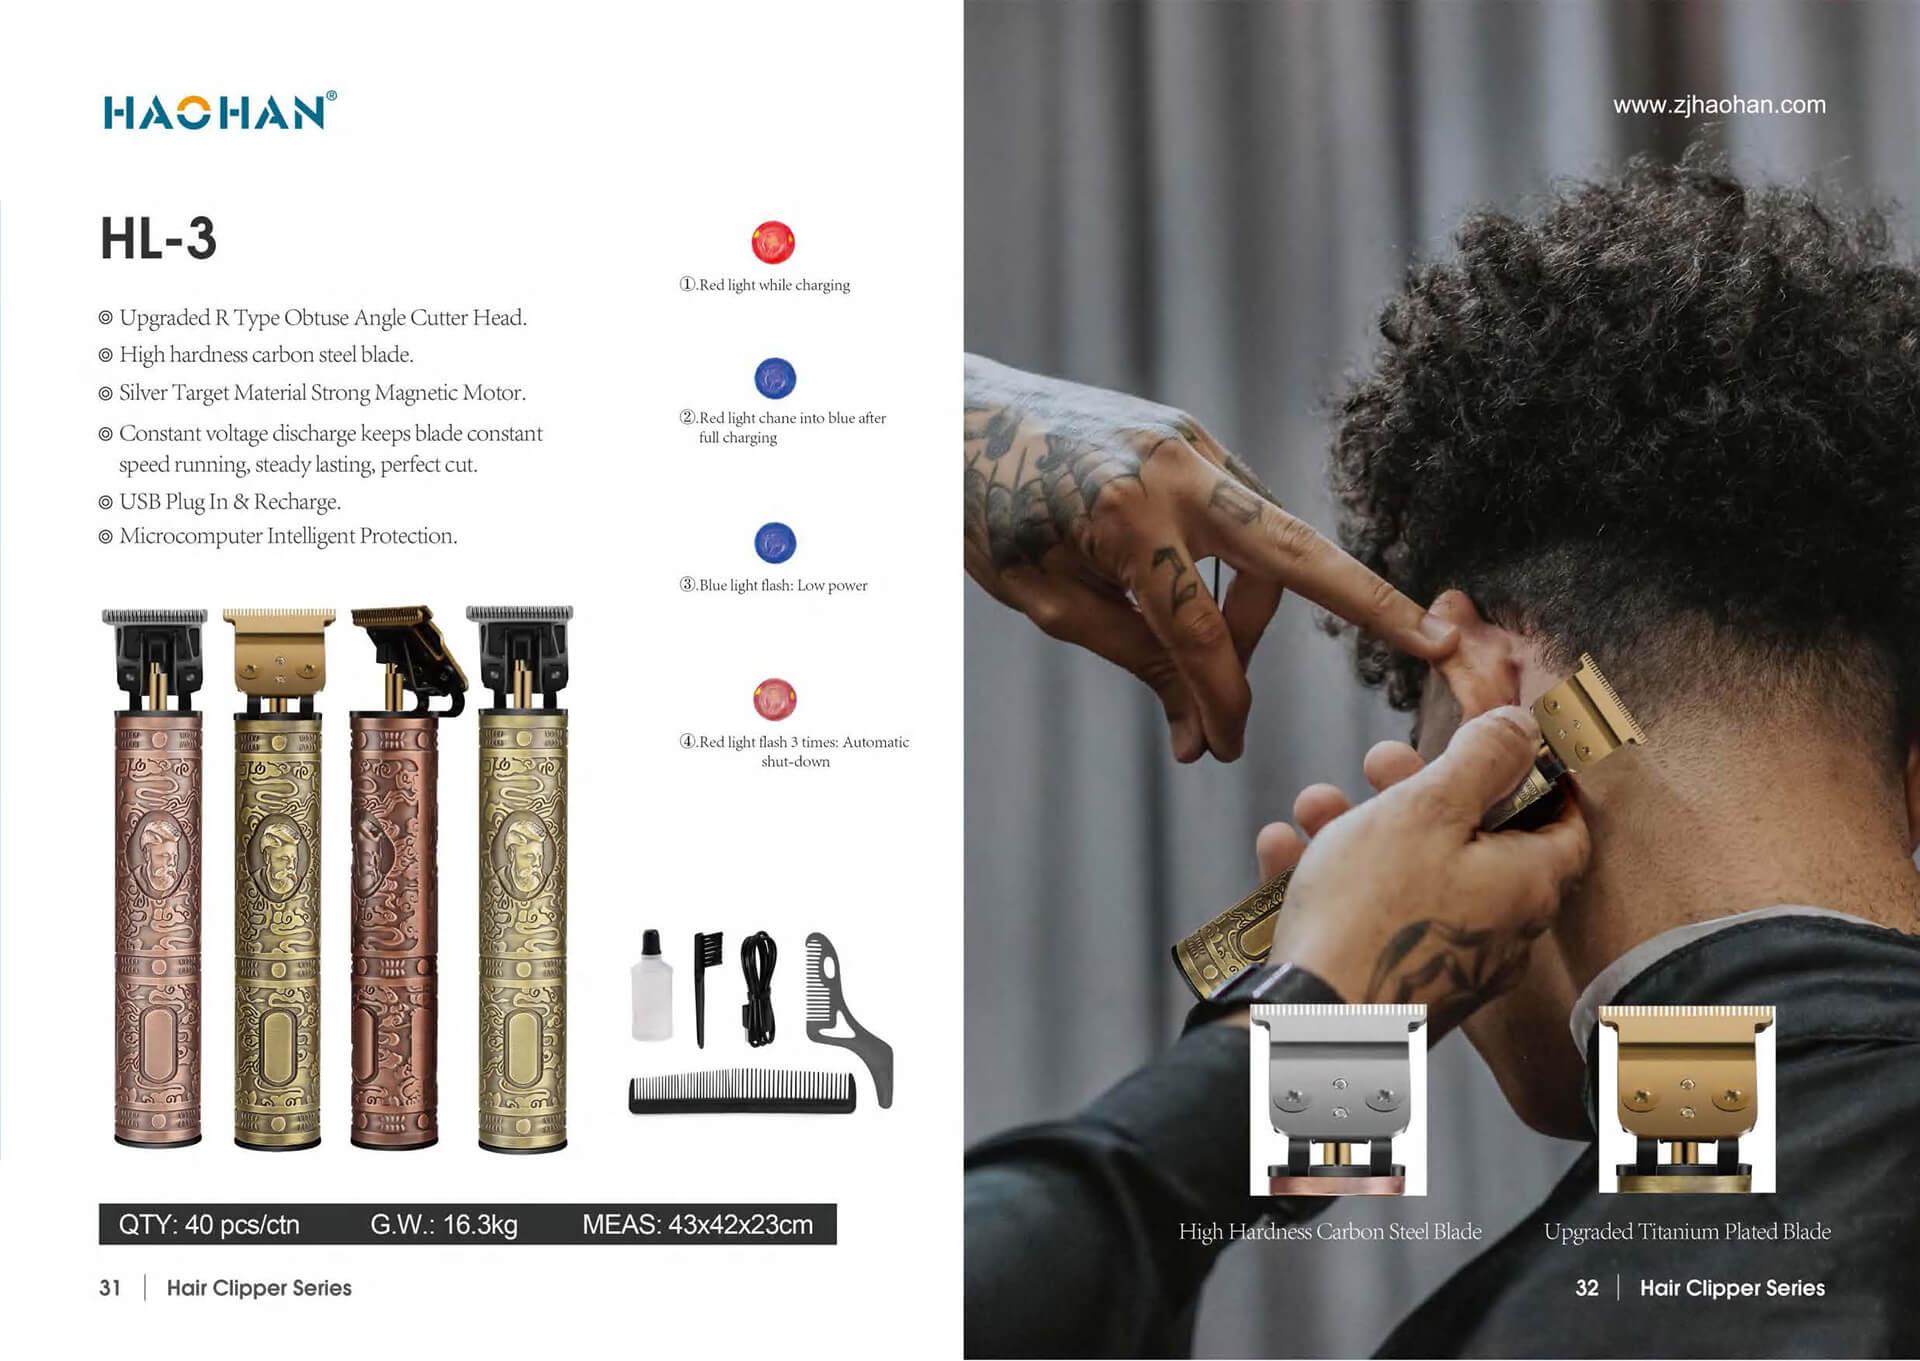 1631847216 Electric Hair Trimmer 3 Zhejiang Haohan